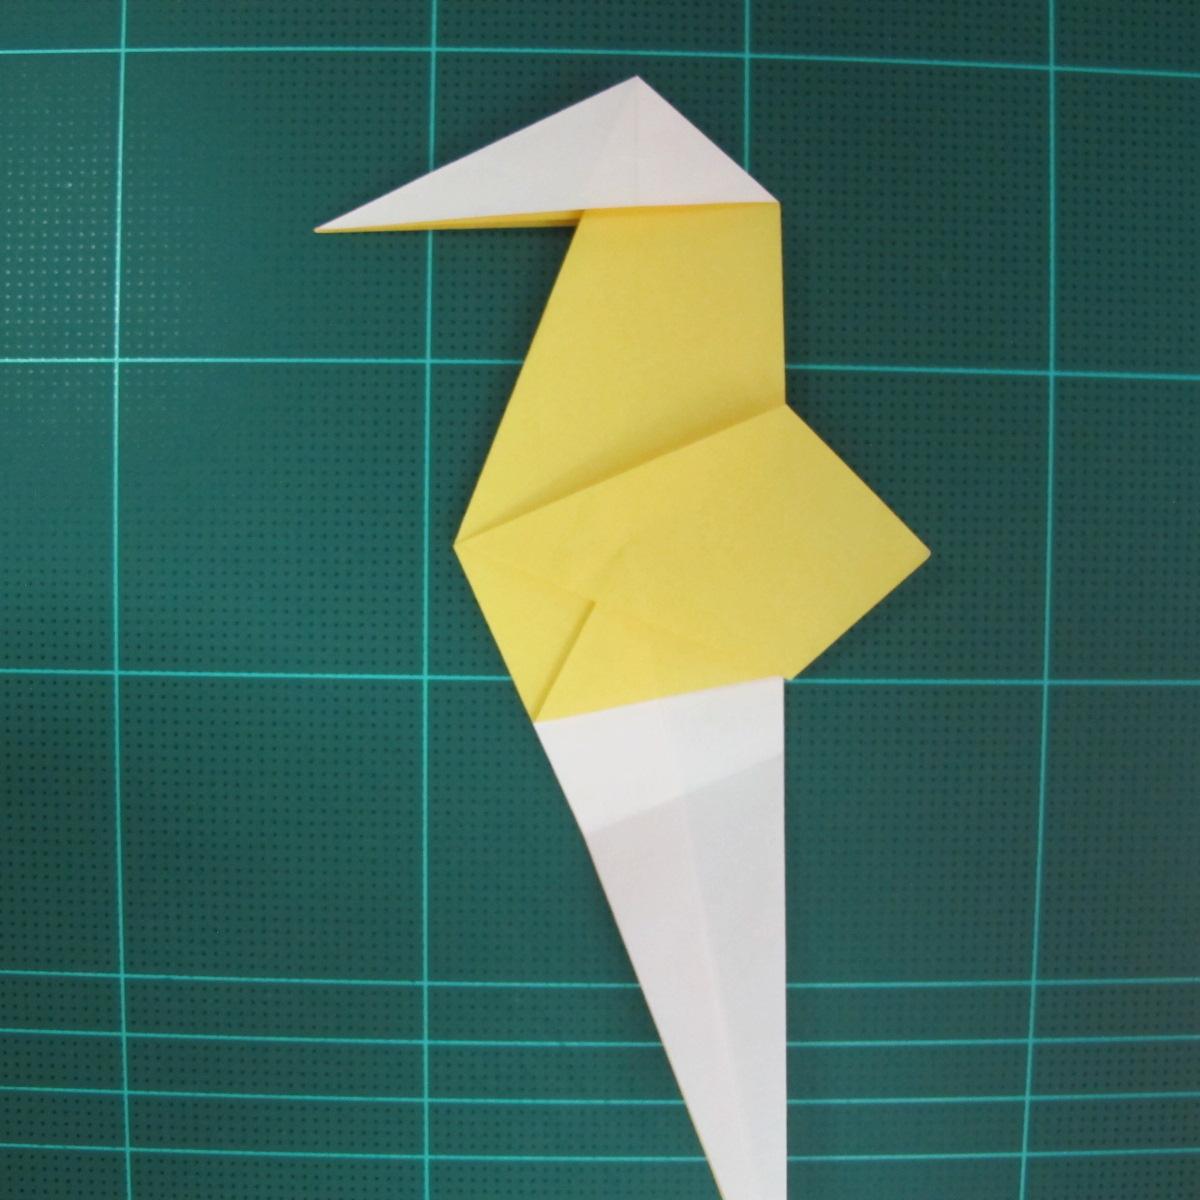 วิธีการพับกระดาษรูปม้าน้ำ (Origami Seahorse) 025